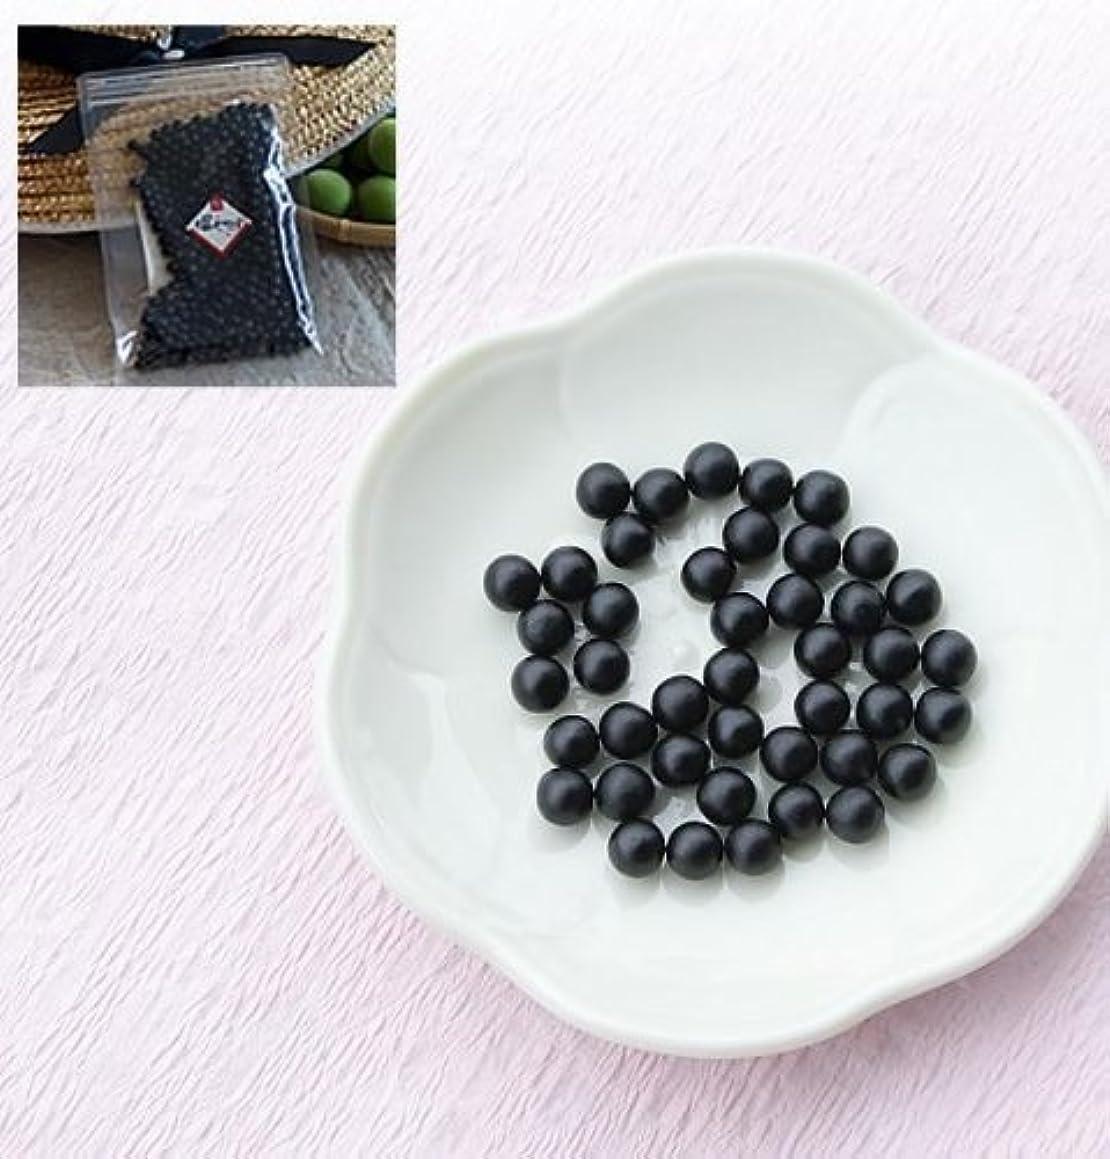 マートメンタルブロッサム深見梅店 青梅から作った梅肉エキス粒タイプ 100g(約3か月?約600粒)